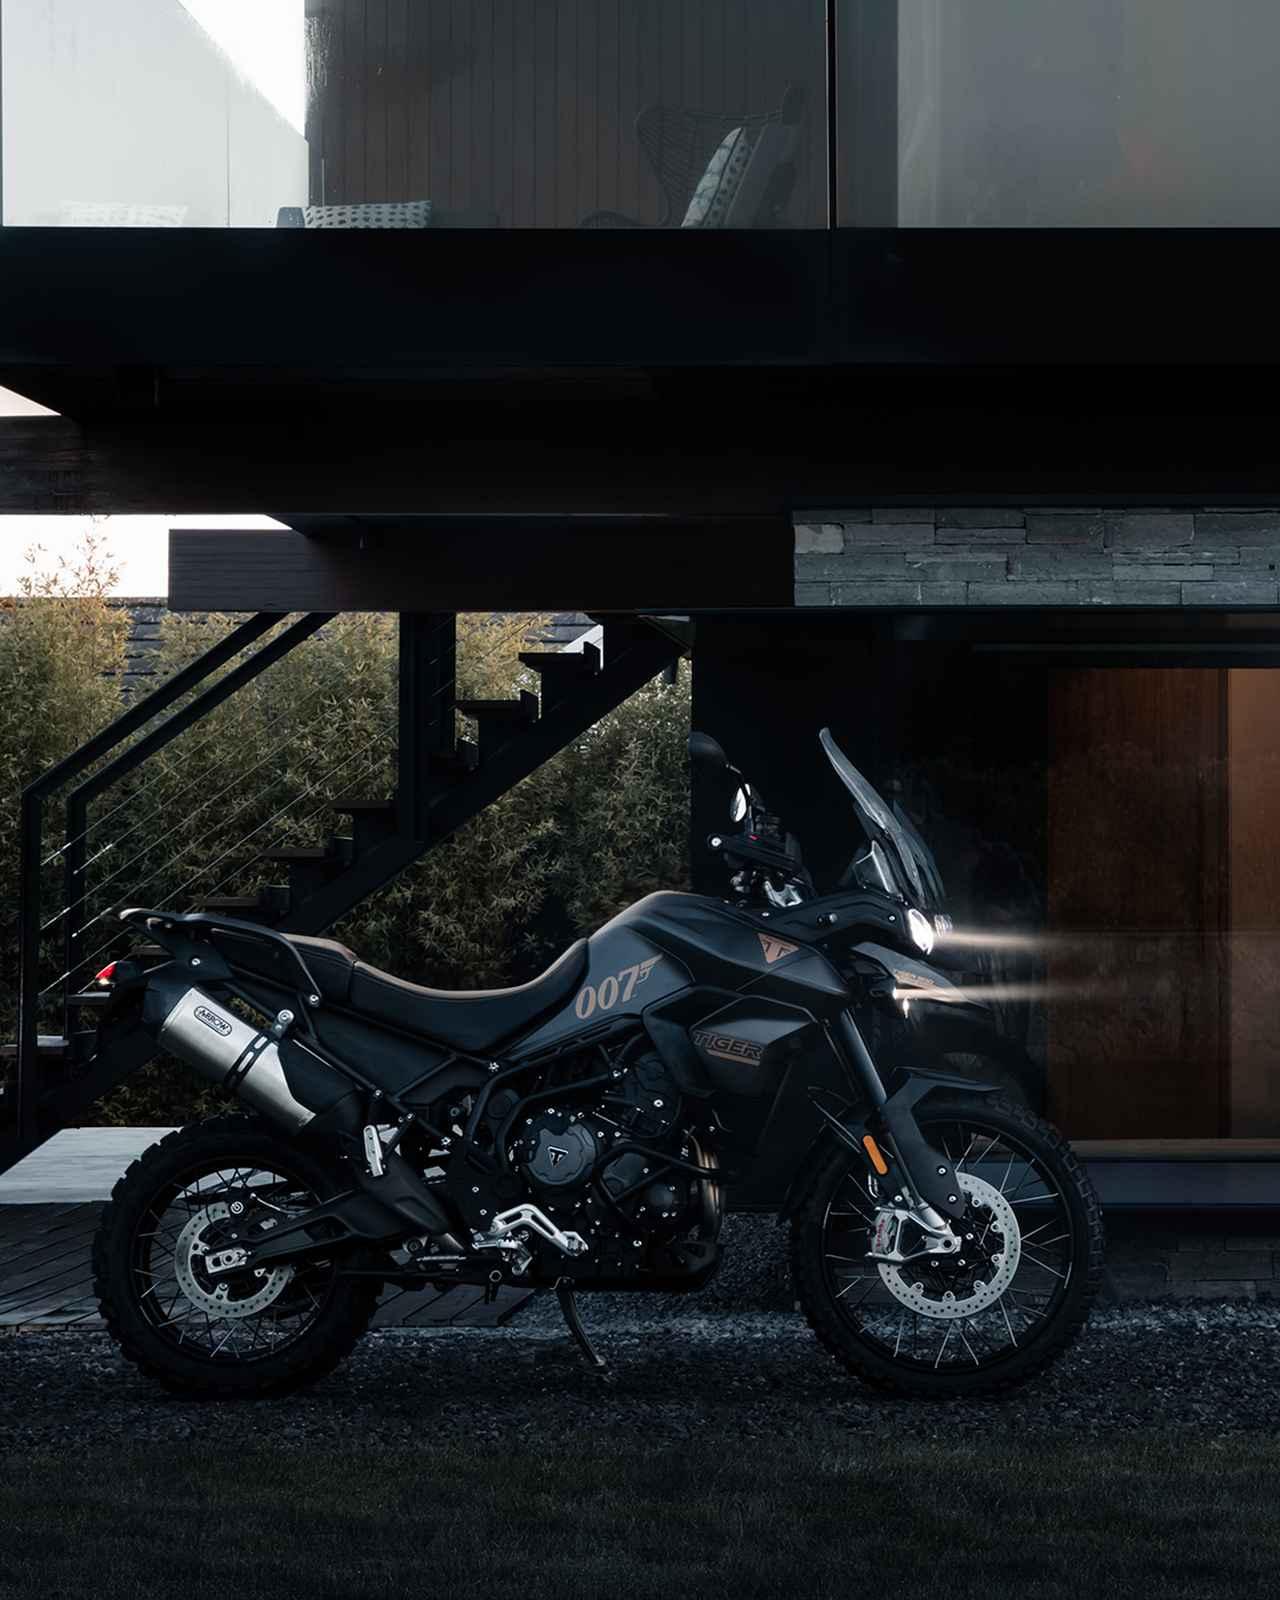 画像1: トライアンフから限定モデル「TIGER 900 BOND EDITION」登場